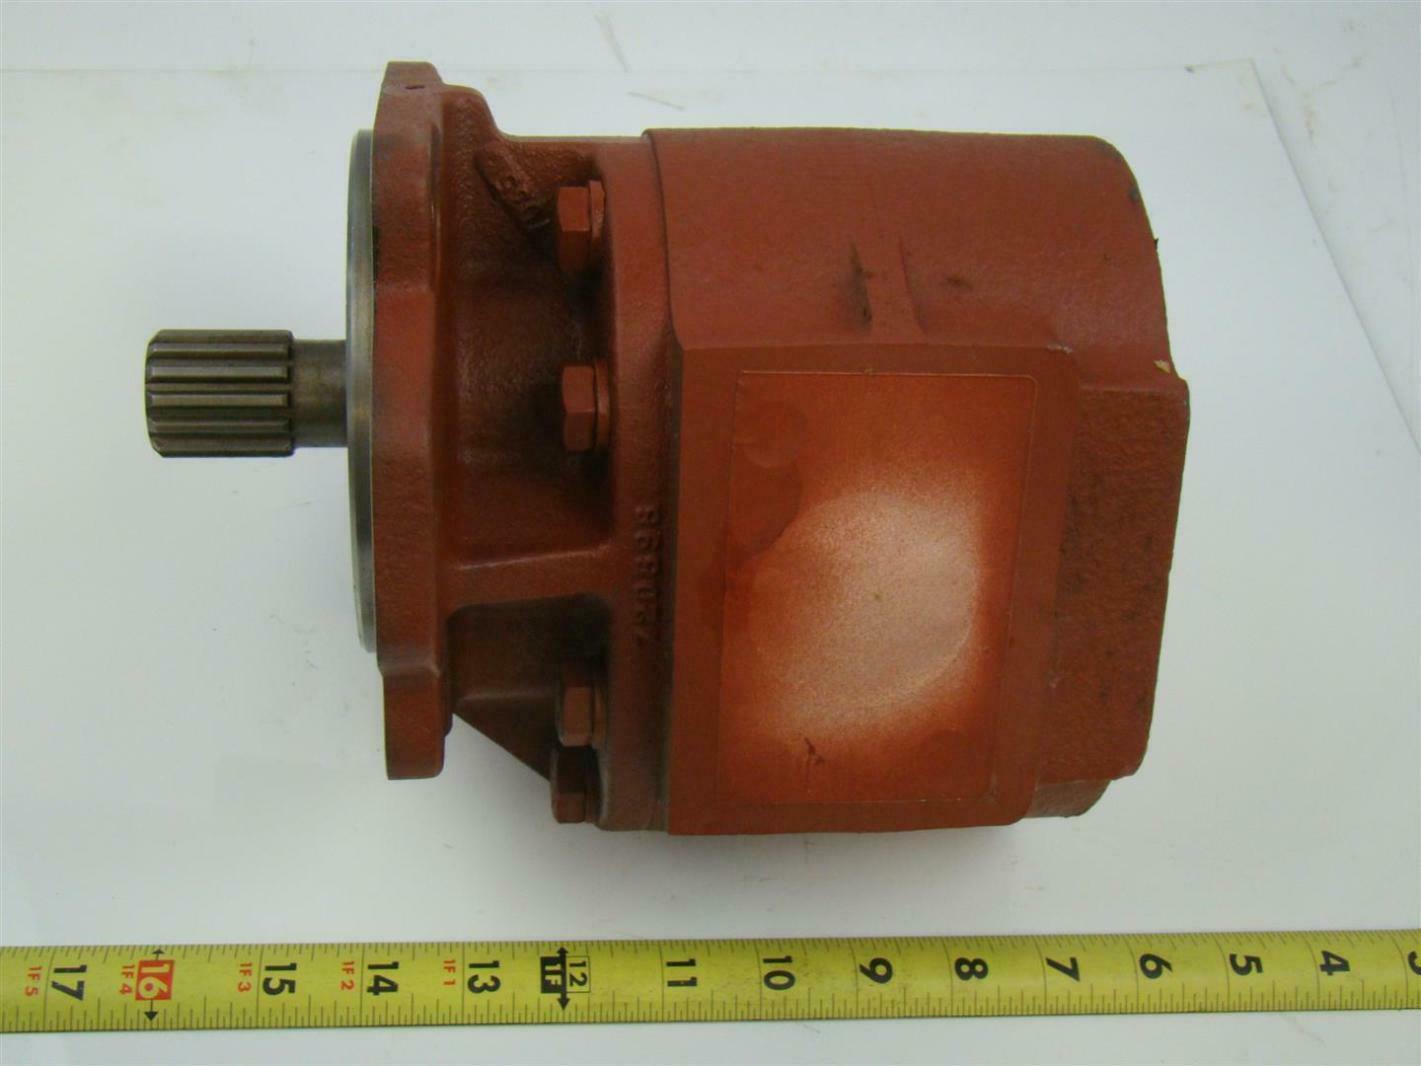 Geartek Hydraulic Pump Model D30l 1c Ut 1 25 Quot Shaft D30l